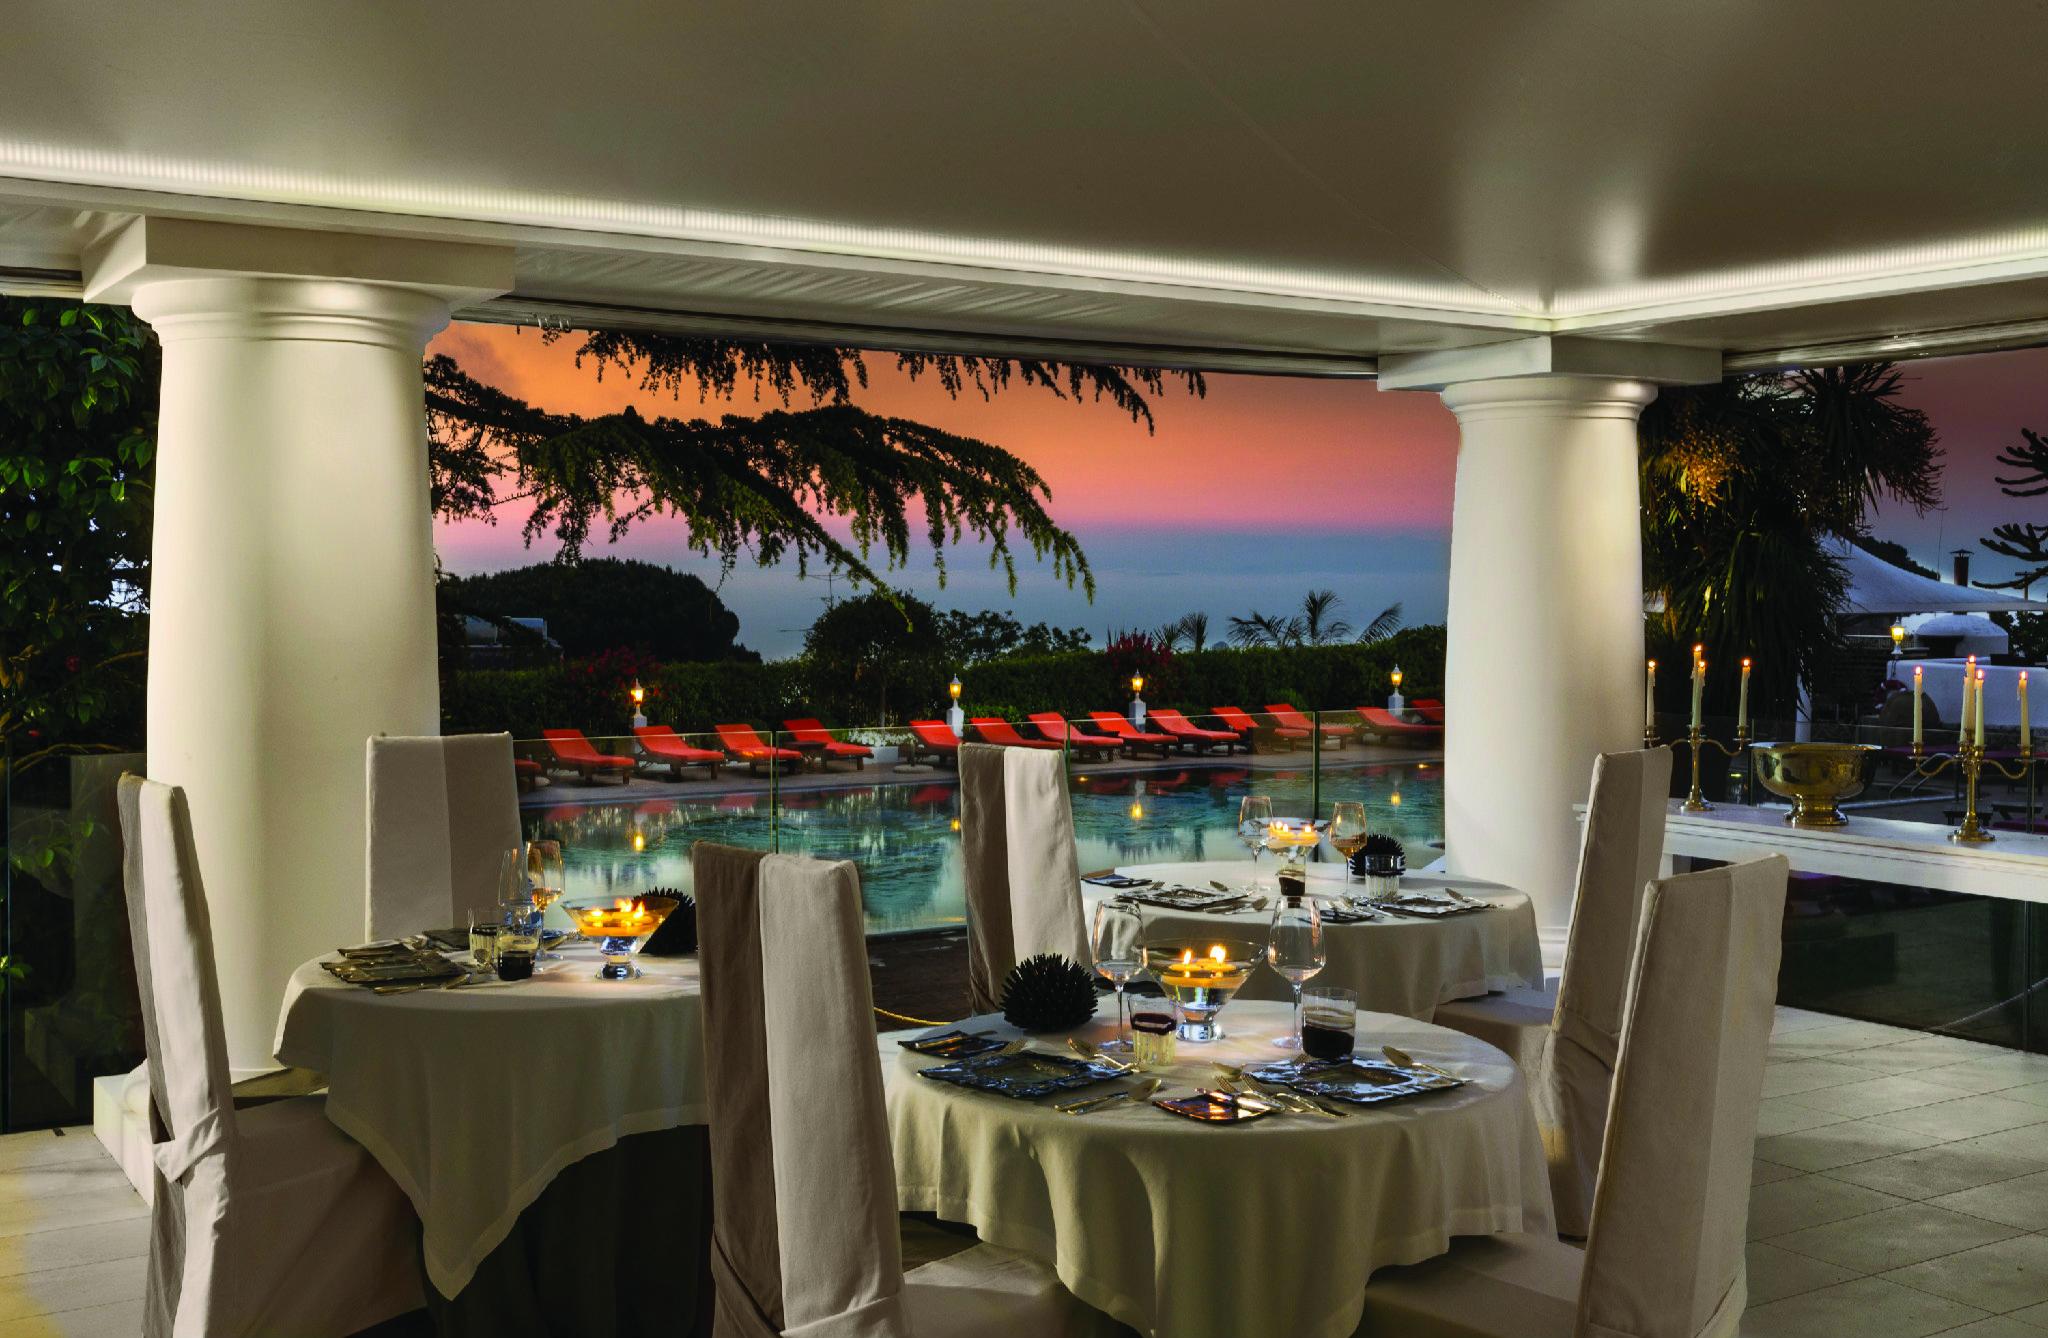 Migliori ristoranti italiani: Capri Palace tra le 100 Eccellenze Italiane per Forbes